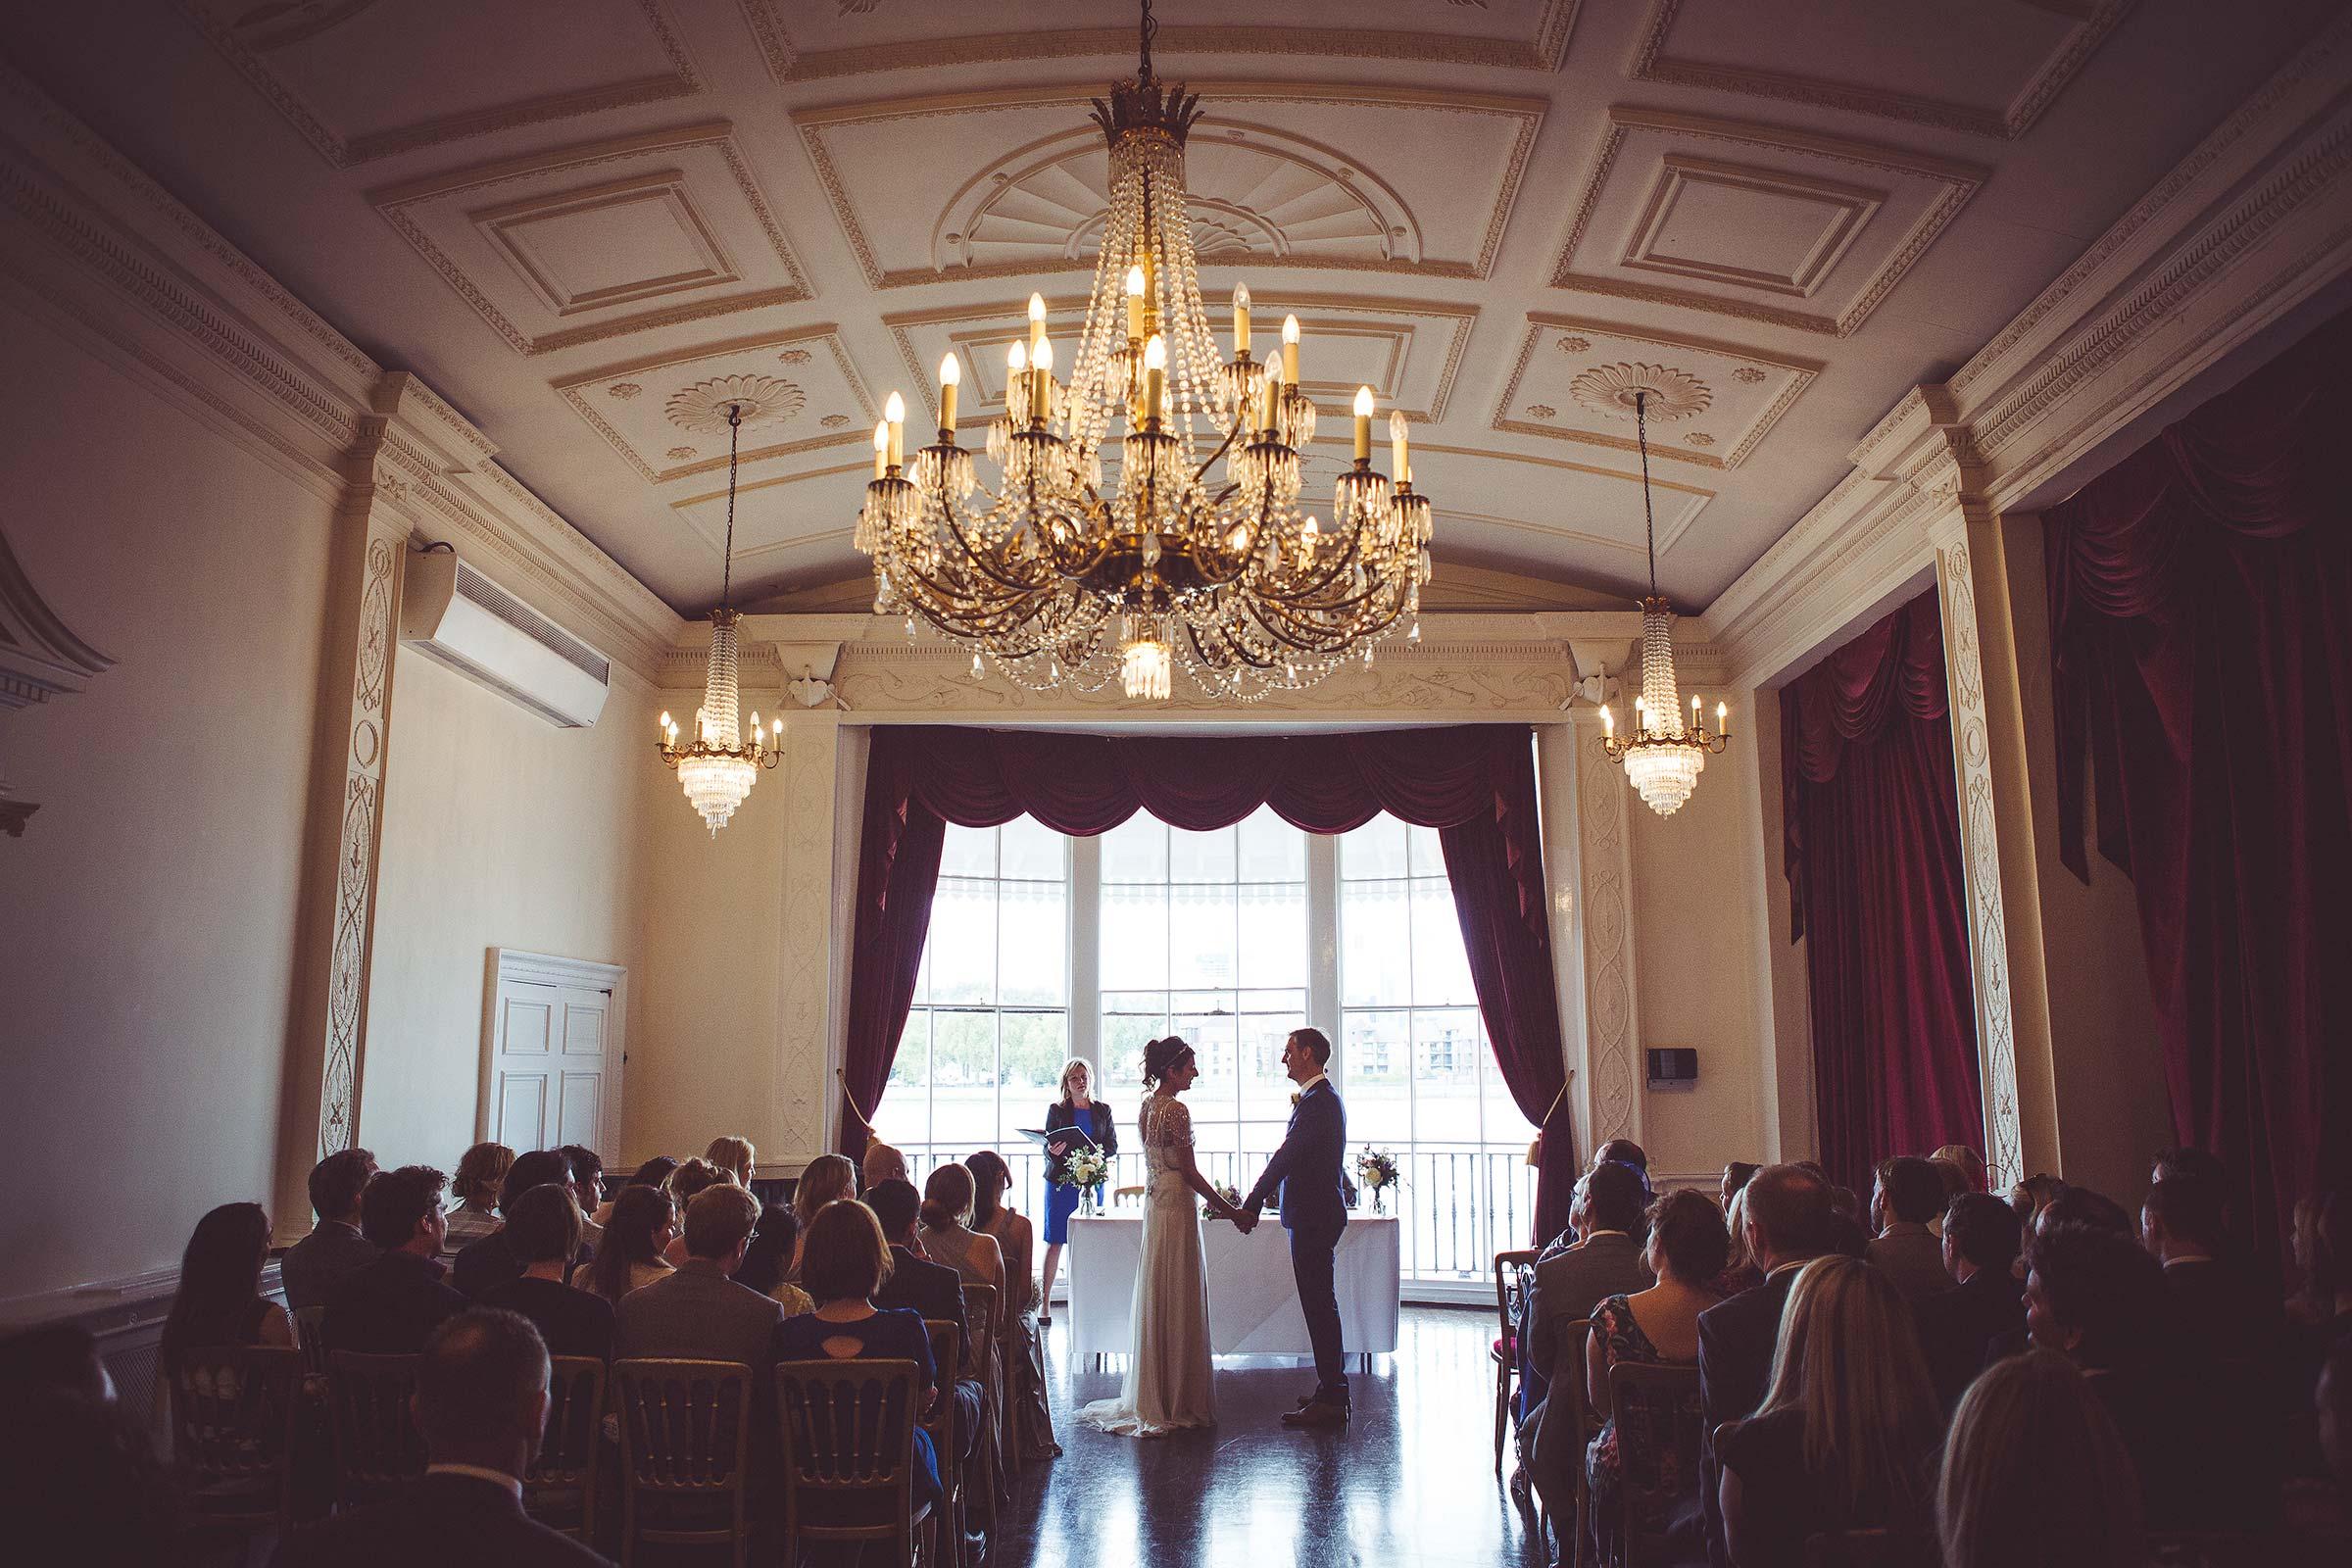 Alliea and Dan's wedding at The Trafalgar Tavern, Greenwich